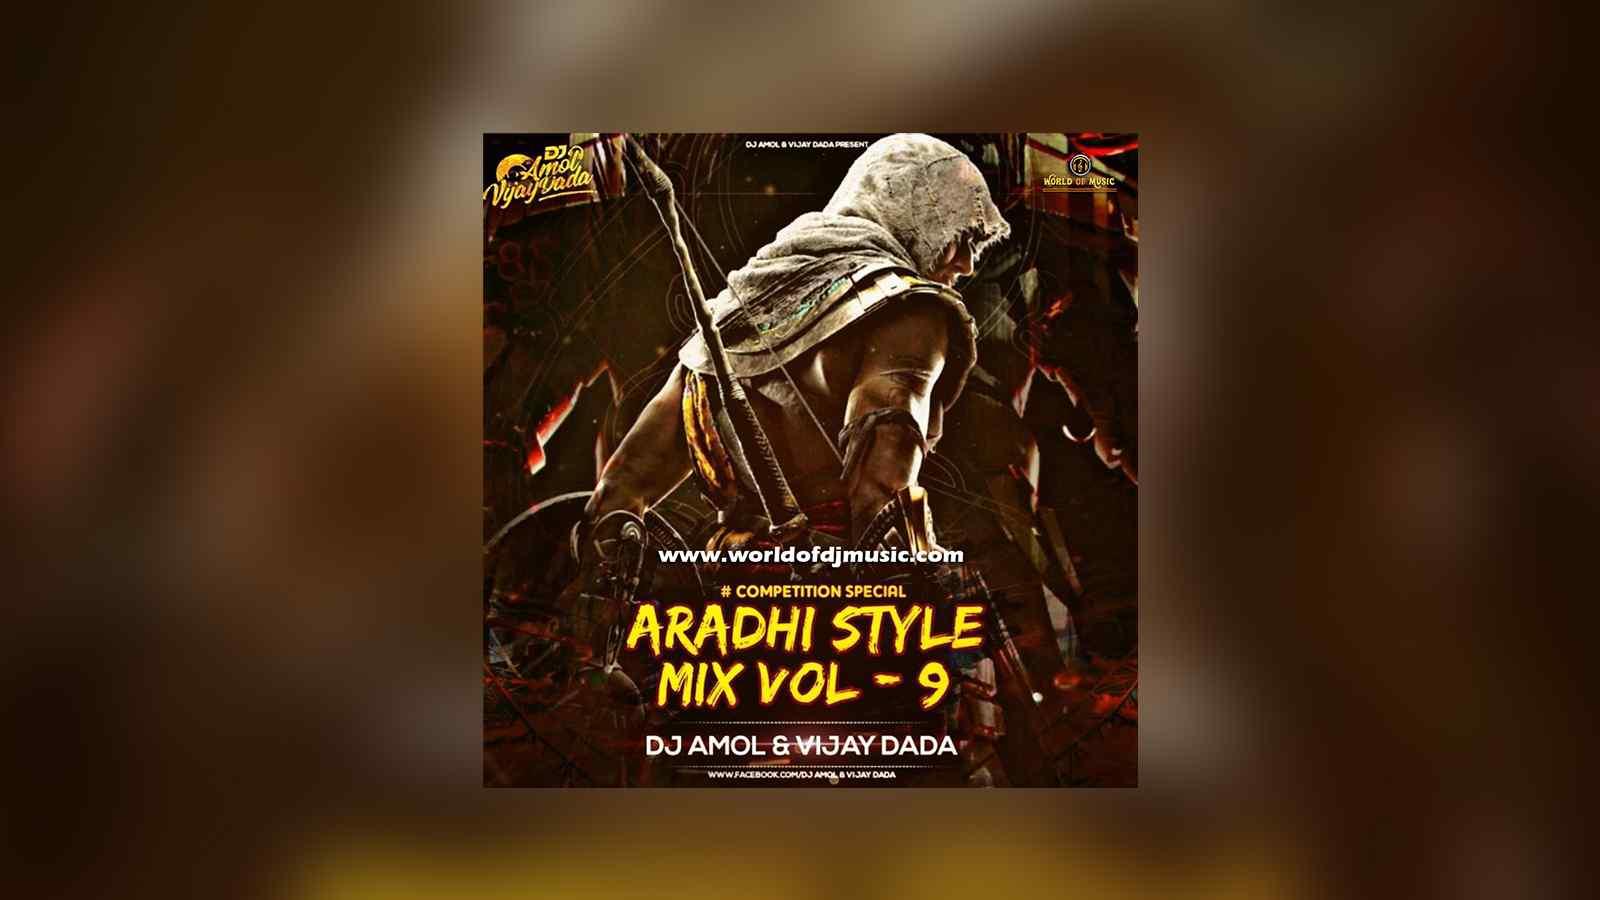 Jane Walon Jara Hoshiyar (Compitition Mix) - DJ Amol & VijayDada Remix